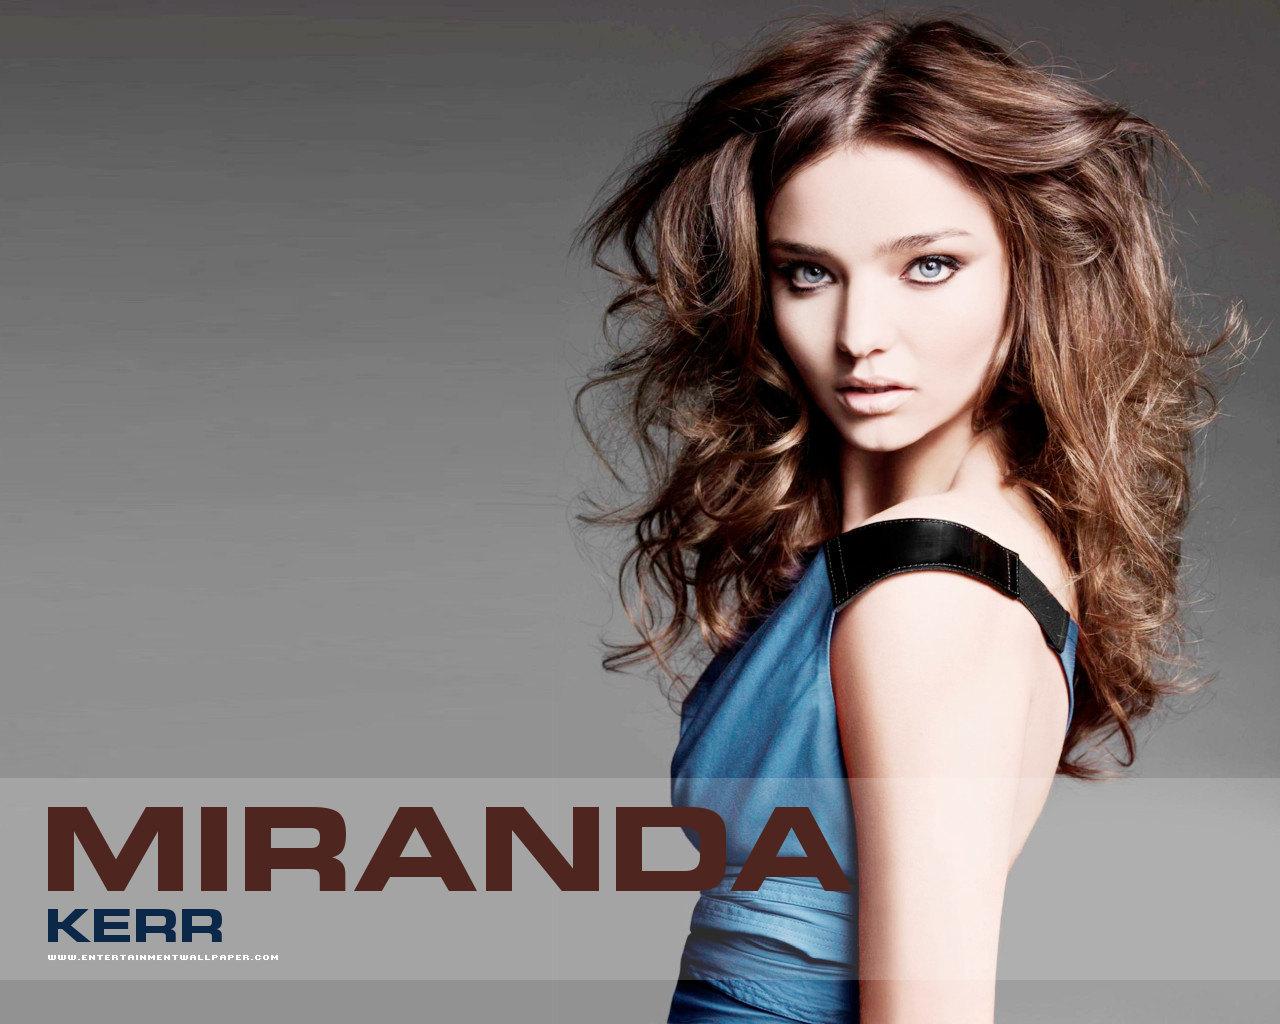 http://3.bp.blogspot.com/-ceVVP6XqqSo/T7M5GURzbYI/AAAAAAAABZo/GppMfZhocLY/s1600/miranda-kerr-wallpaper-10.jpg